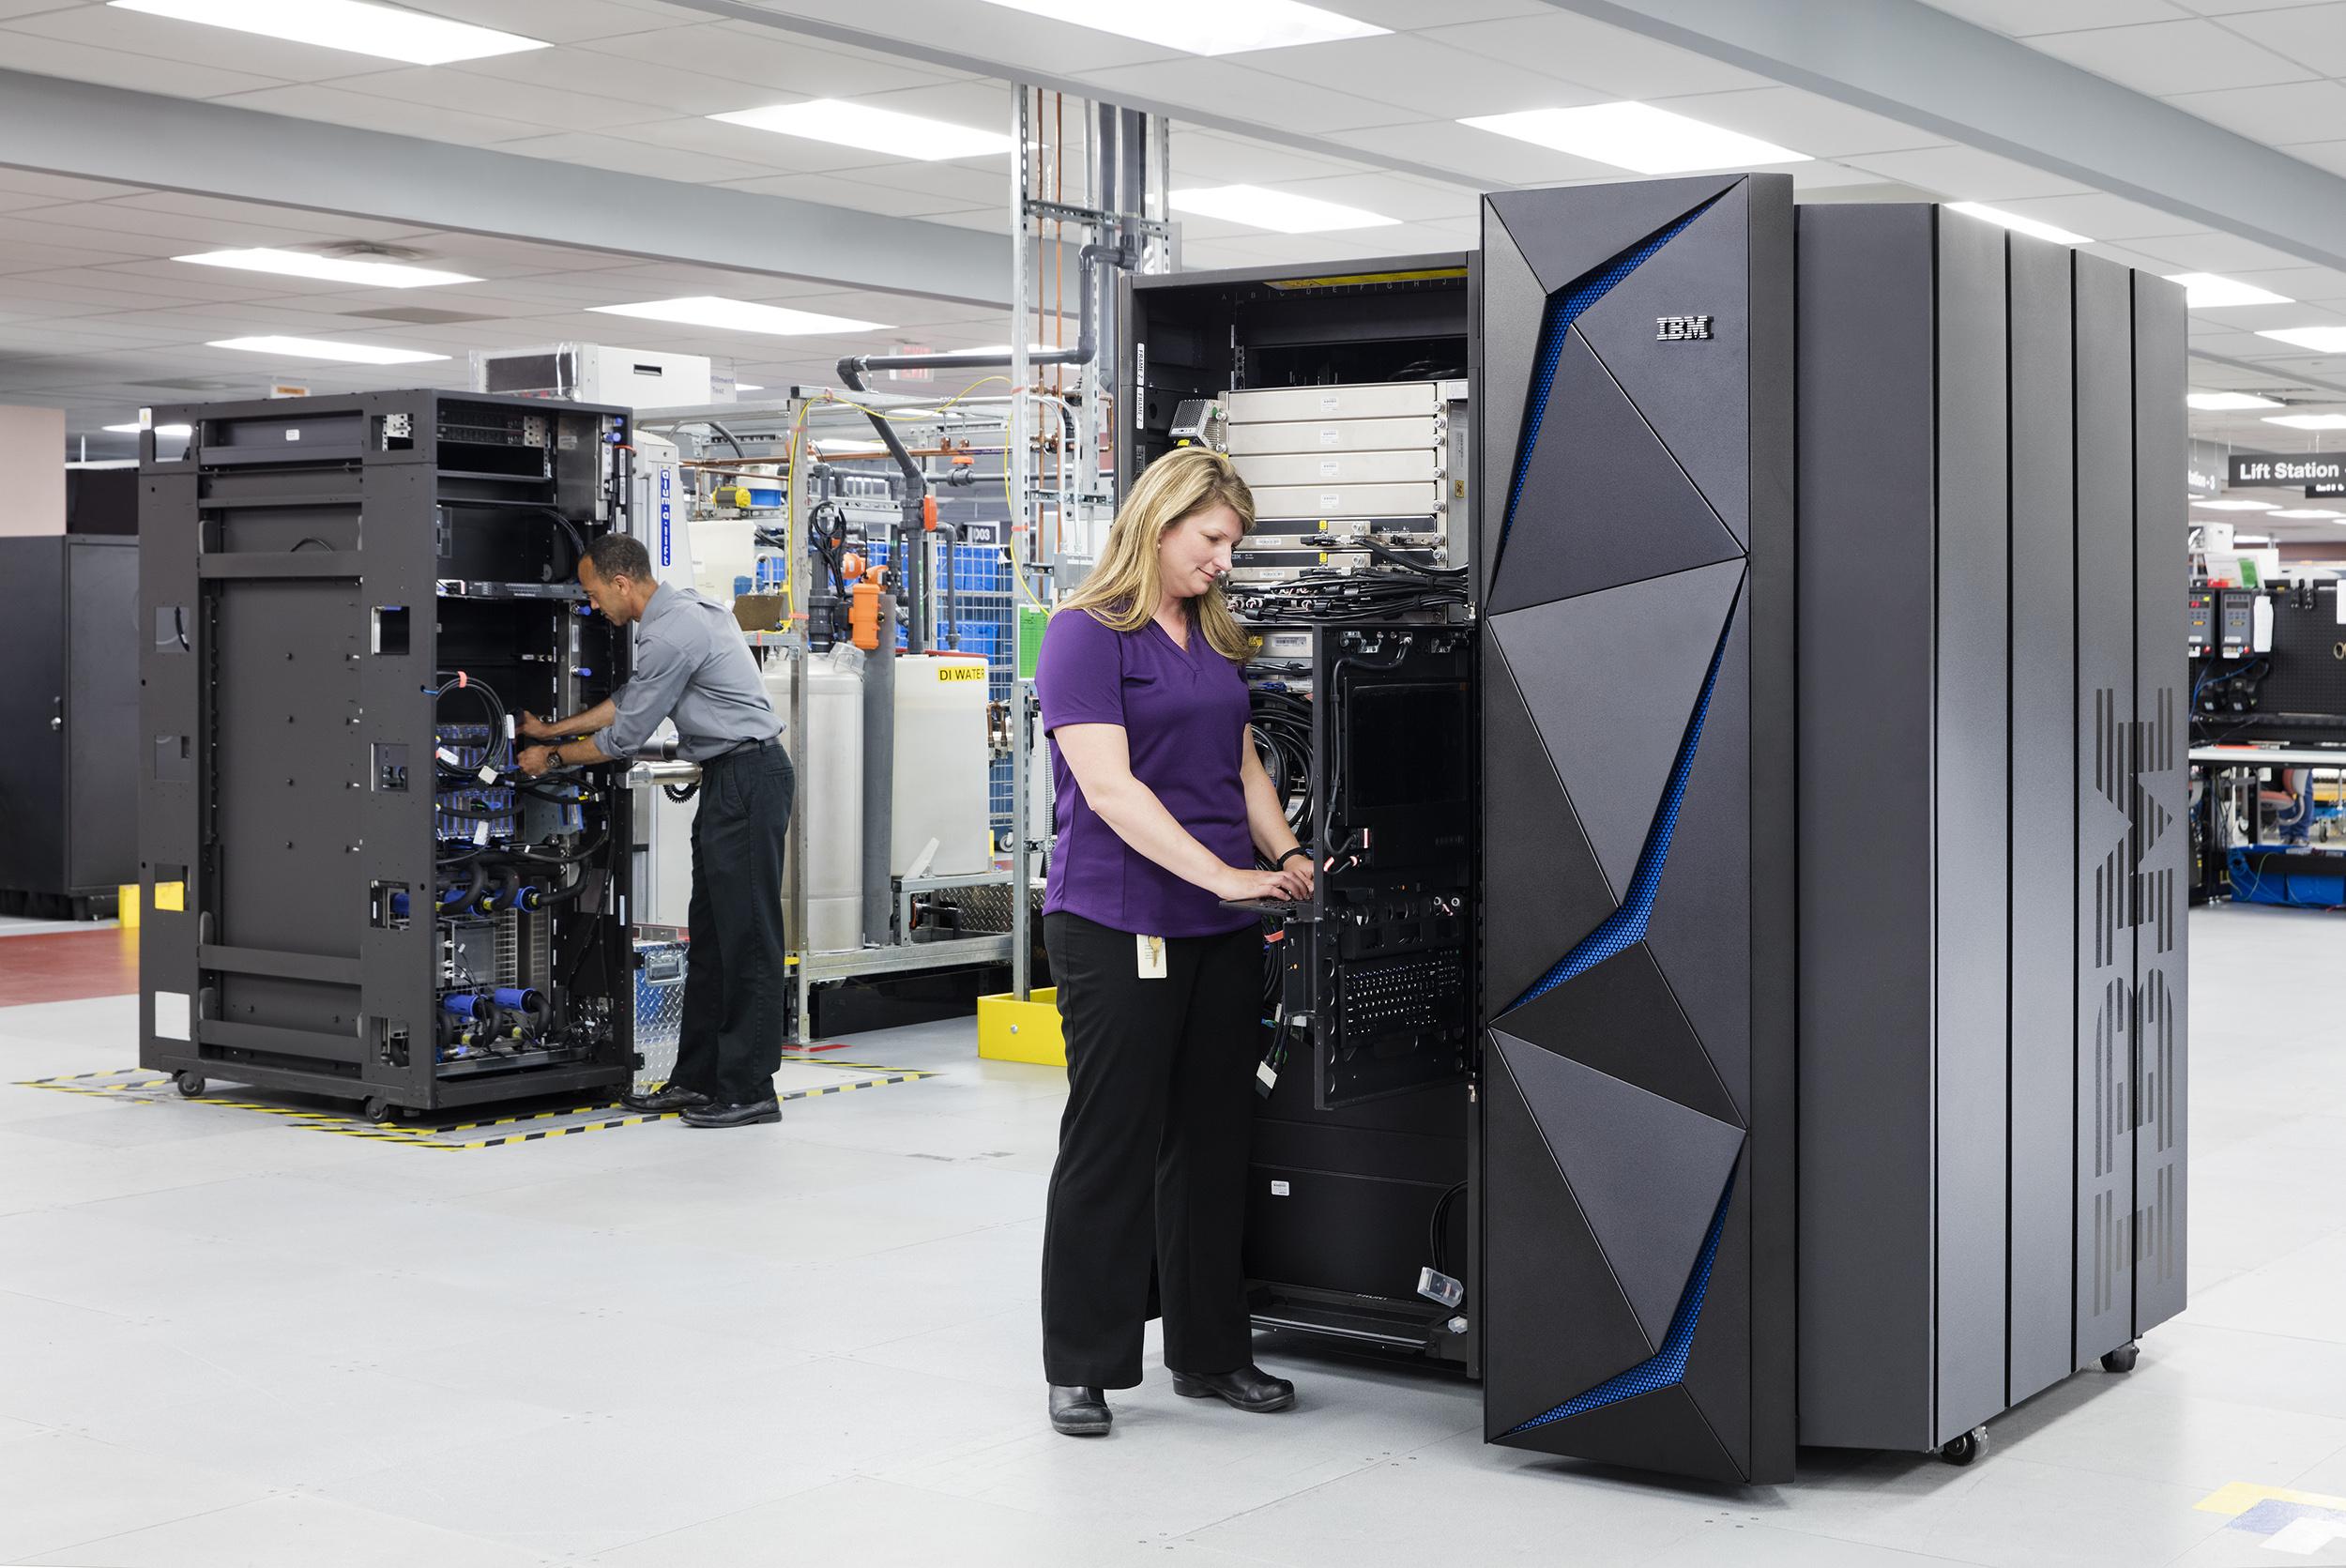 Tech staffers installing new IBM mainframes in a data center.